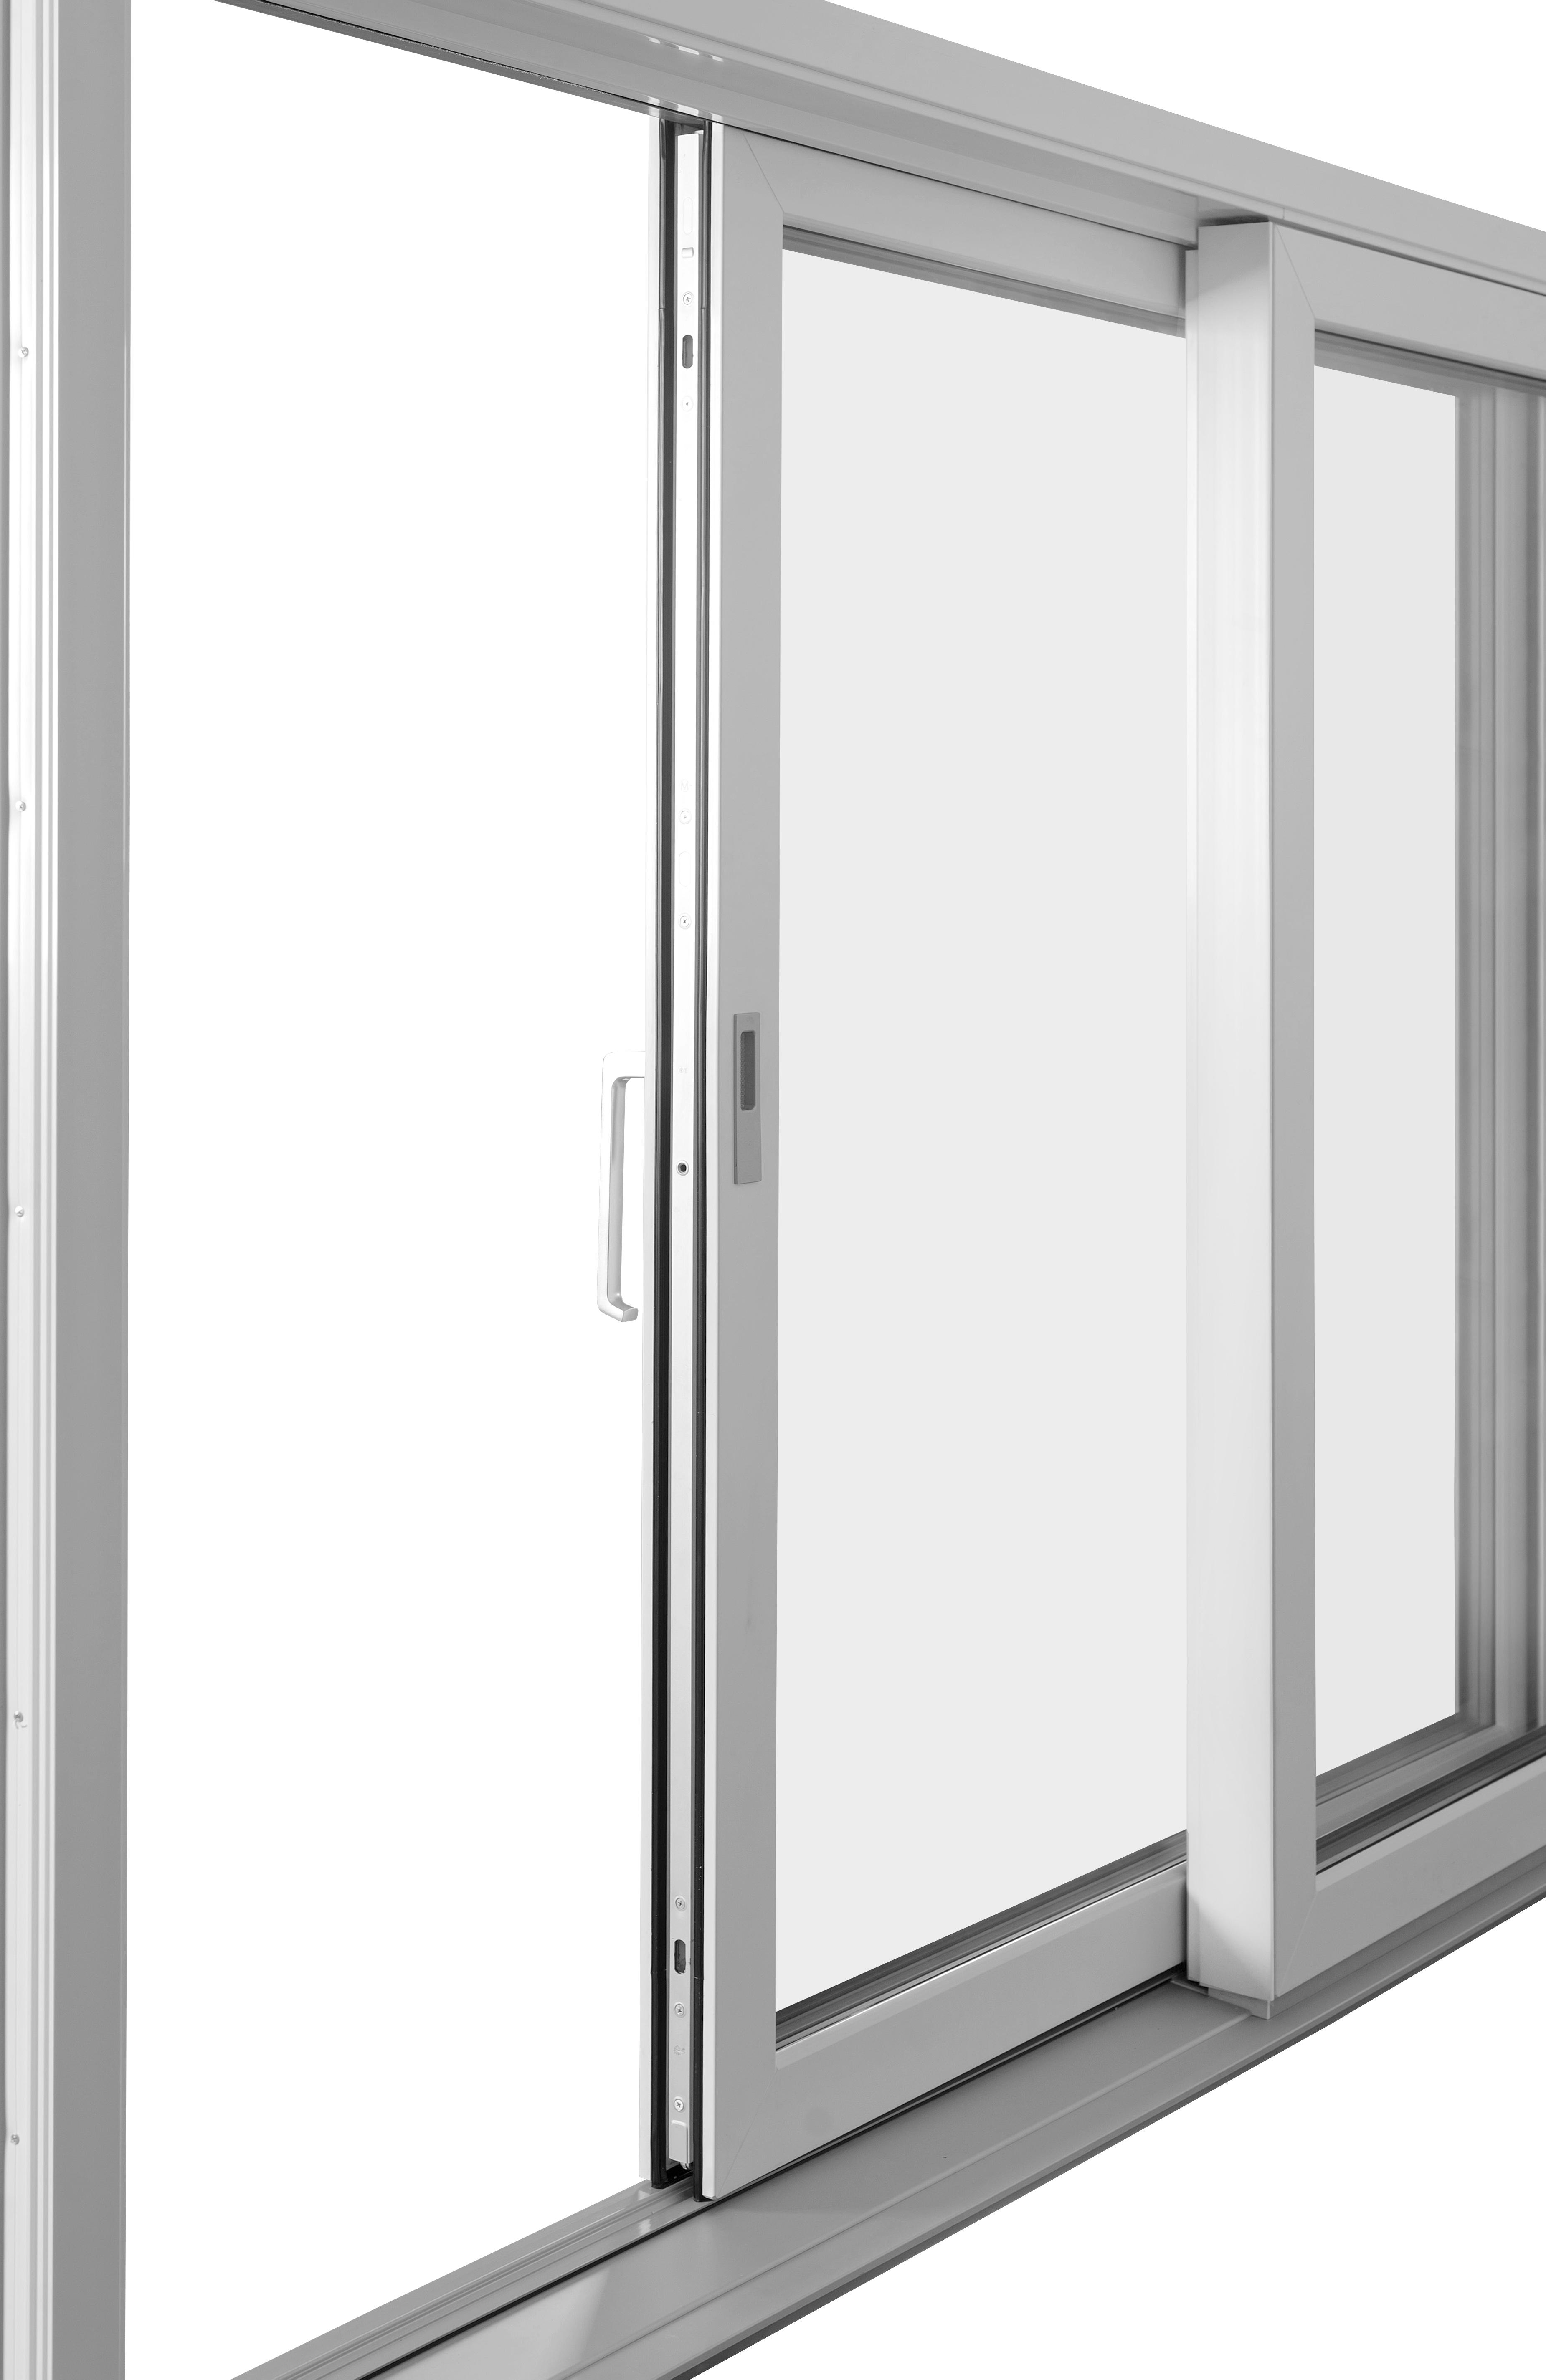 Innovativa guarnizione in velluto per il nuovo sistema - Guarnizione per finestre ...